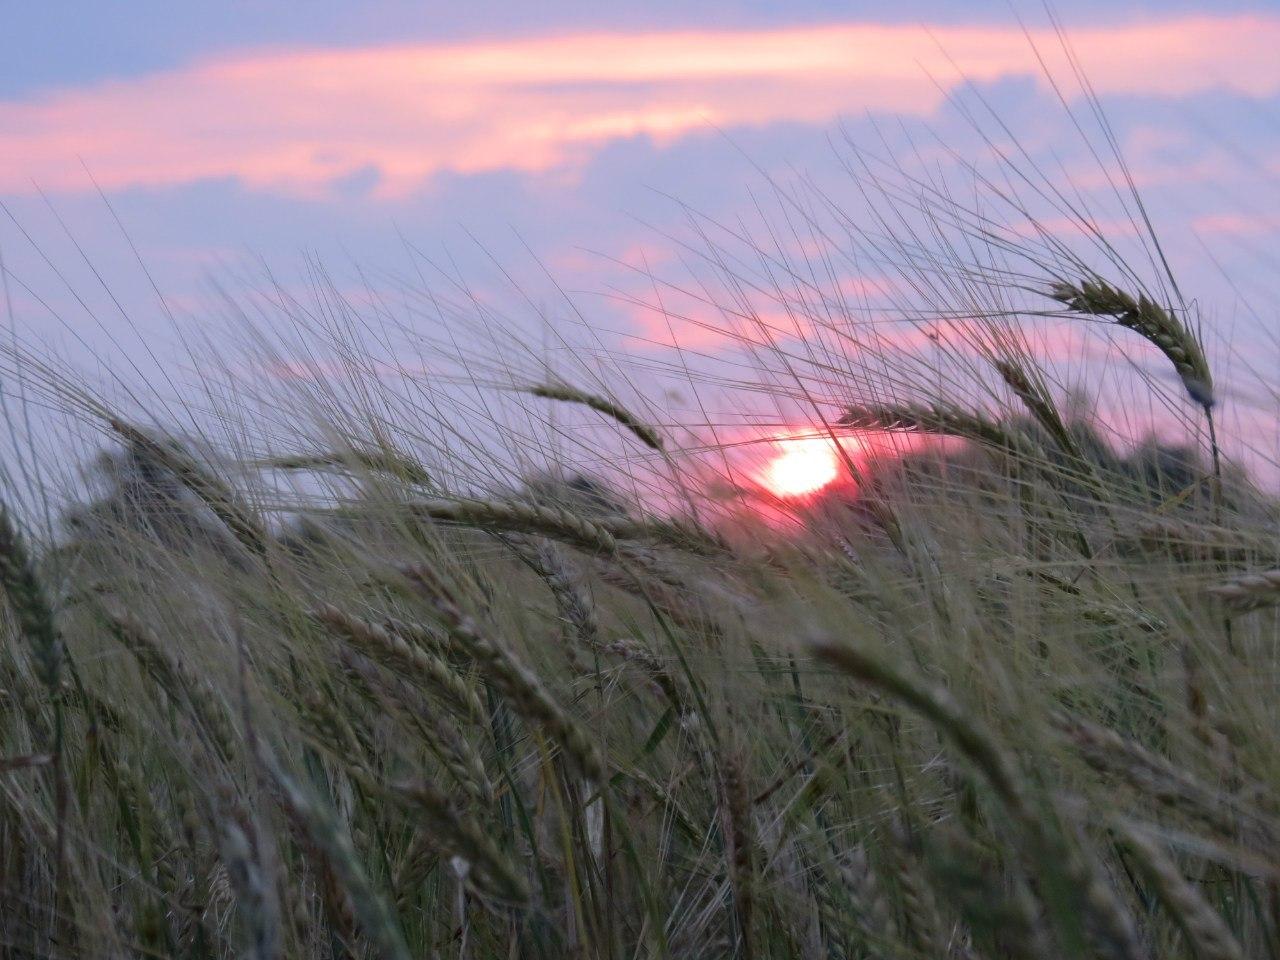 22593 скачать обои Пейзаж, Закат, Поля, Пшеница - заставки и картинки бесплатно